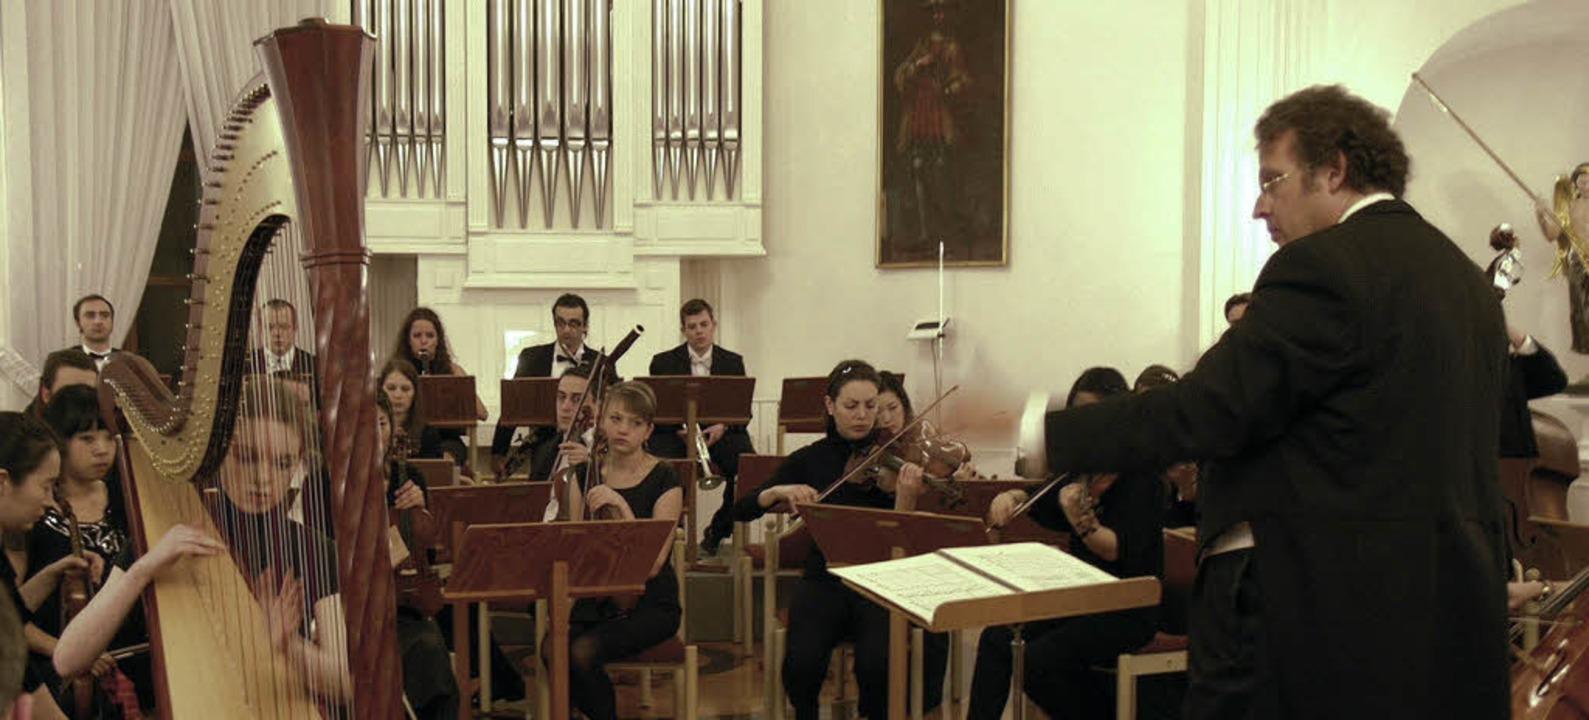 Die Harfenistin Giulia Ott interpretie...usgereifte Darbietung schier den Atem.    Foto: Margrit Matyscak